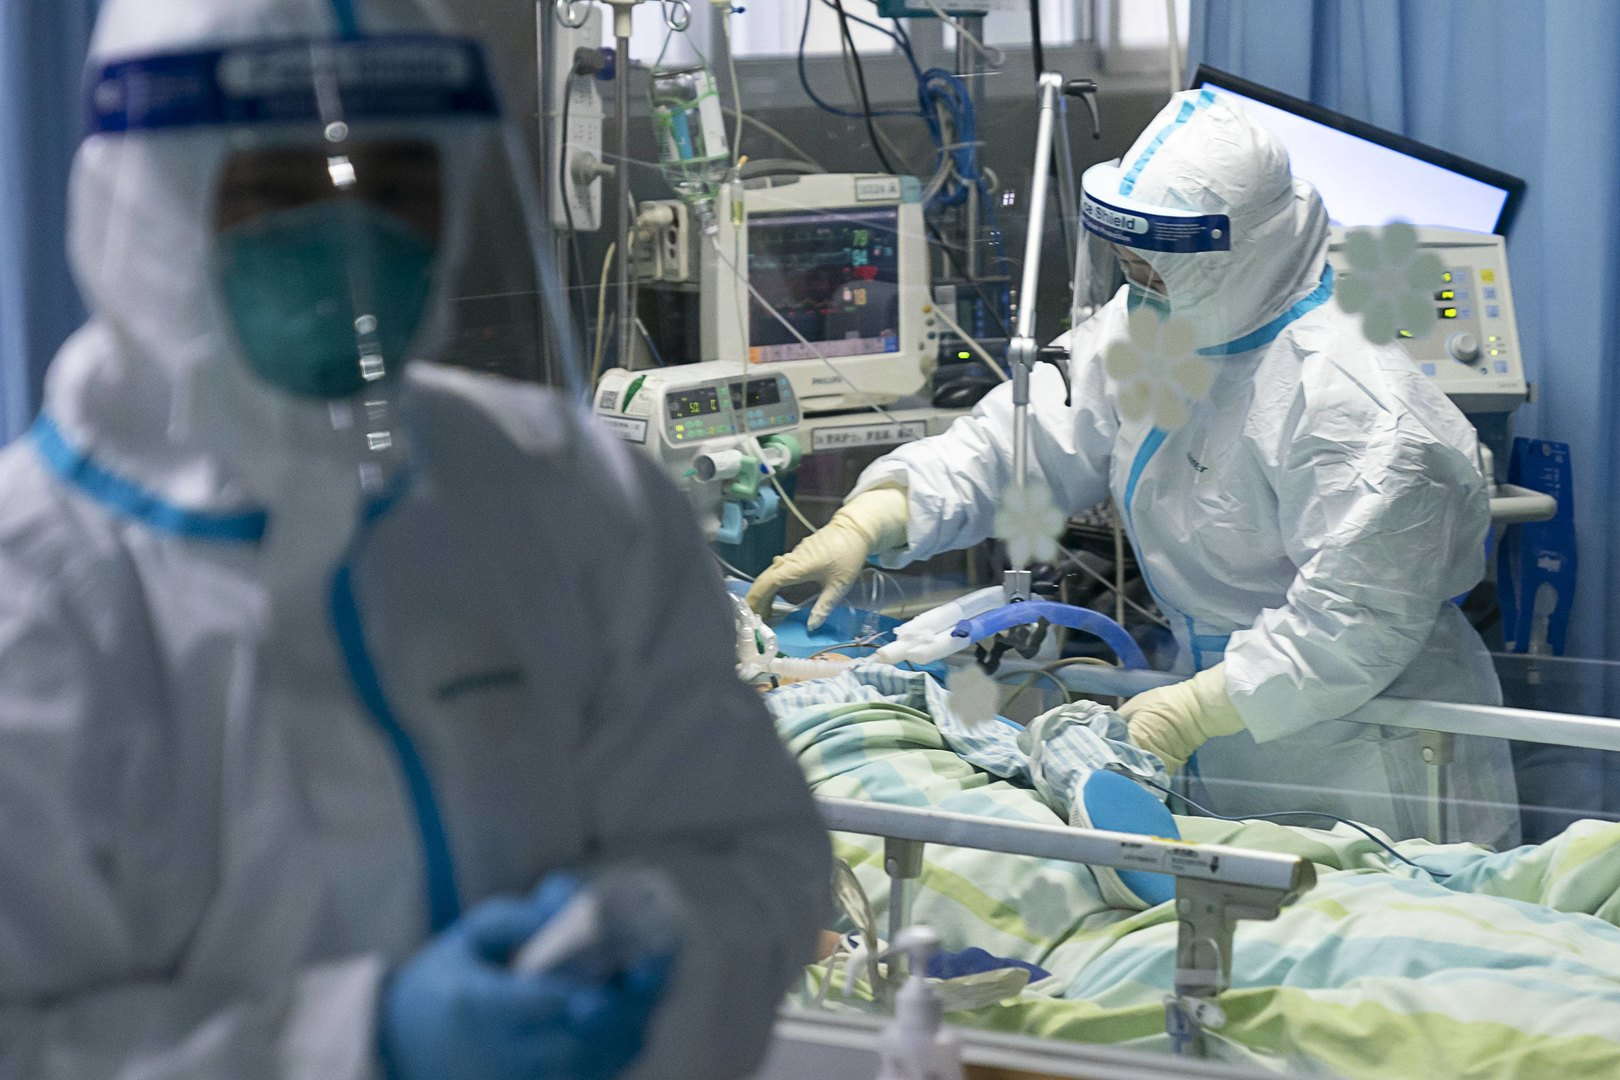 коронавирус изКитая, китайский вирус, новый вирус симптомы, коронавирус лечение, вирус изКитая как незаболеть, вирус изКитая новости